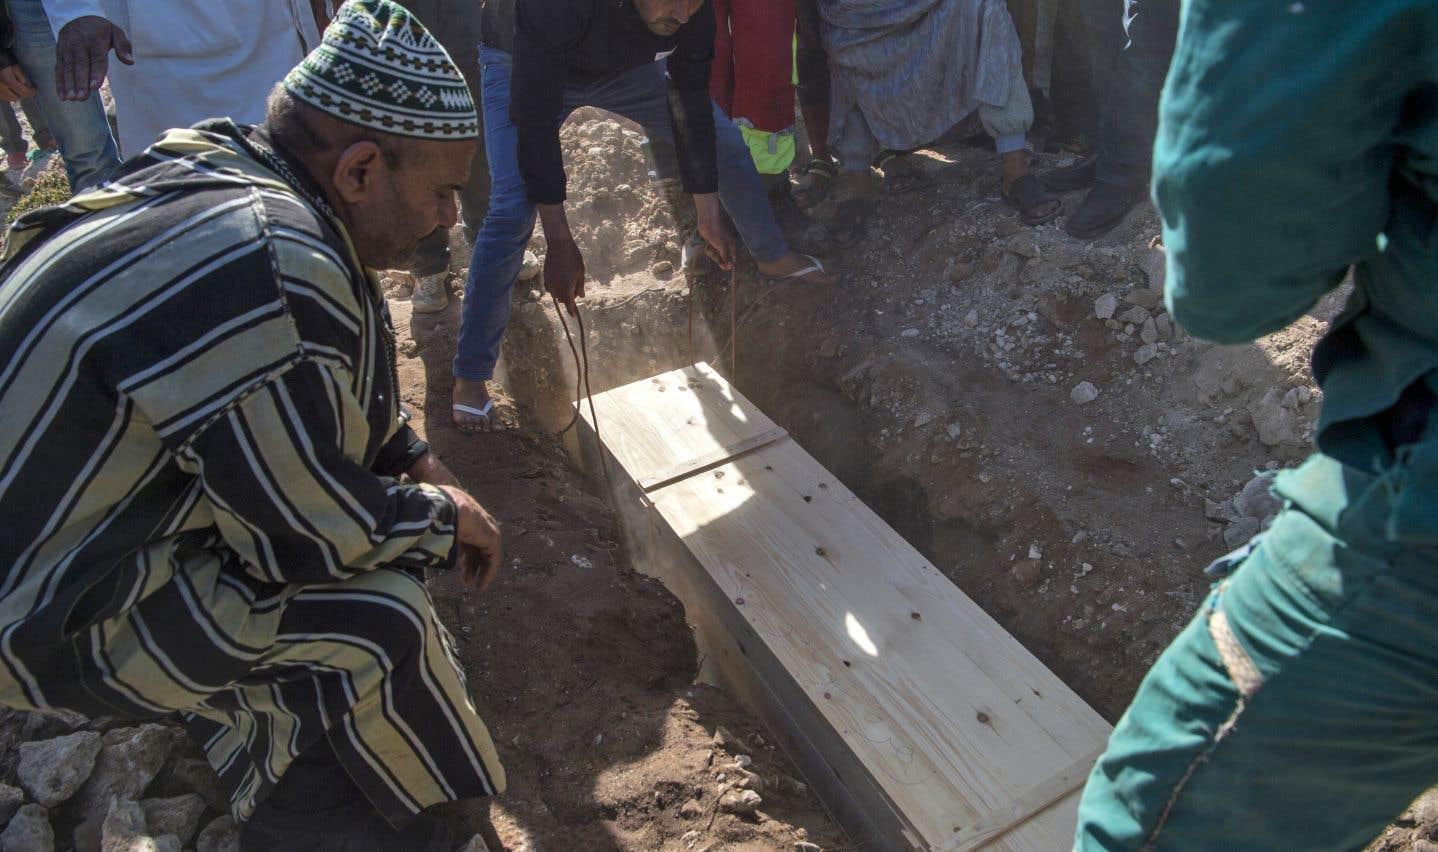 Des proches de Zahra Bent Abdelmajid, une des 15 femmes qui ont perdu la vie dimanche, lui rendent un dernier hommage, le 20 novembre, à Essaouira au Maroc.